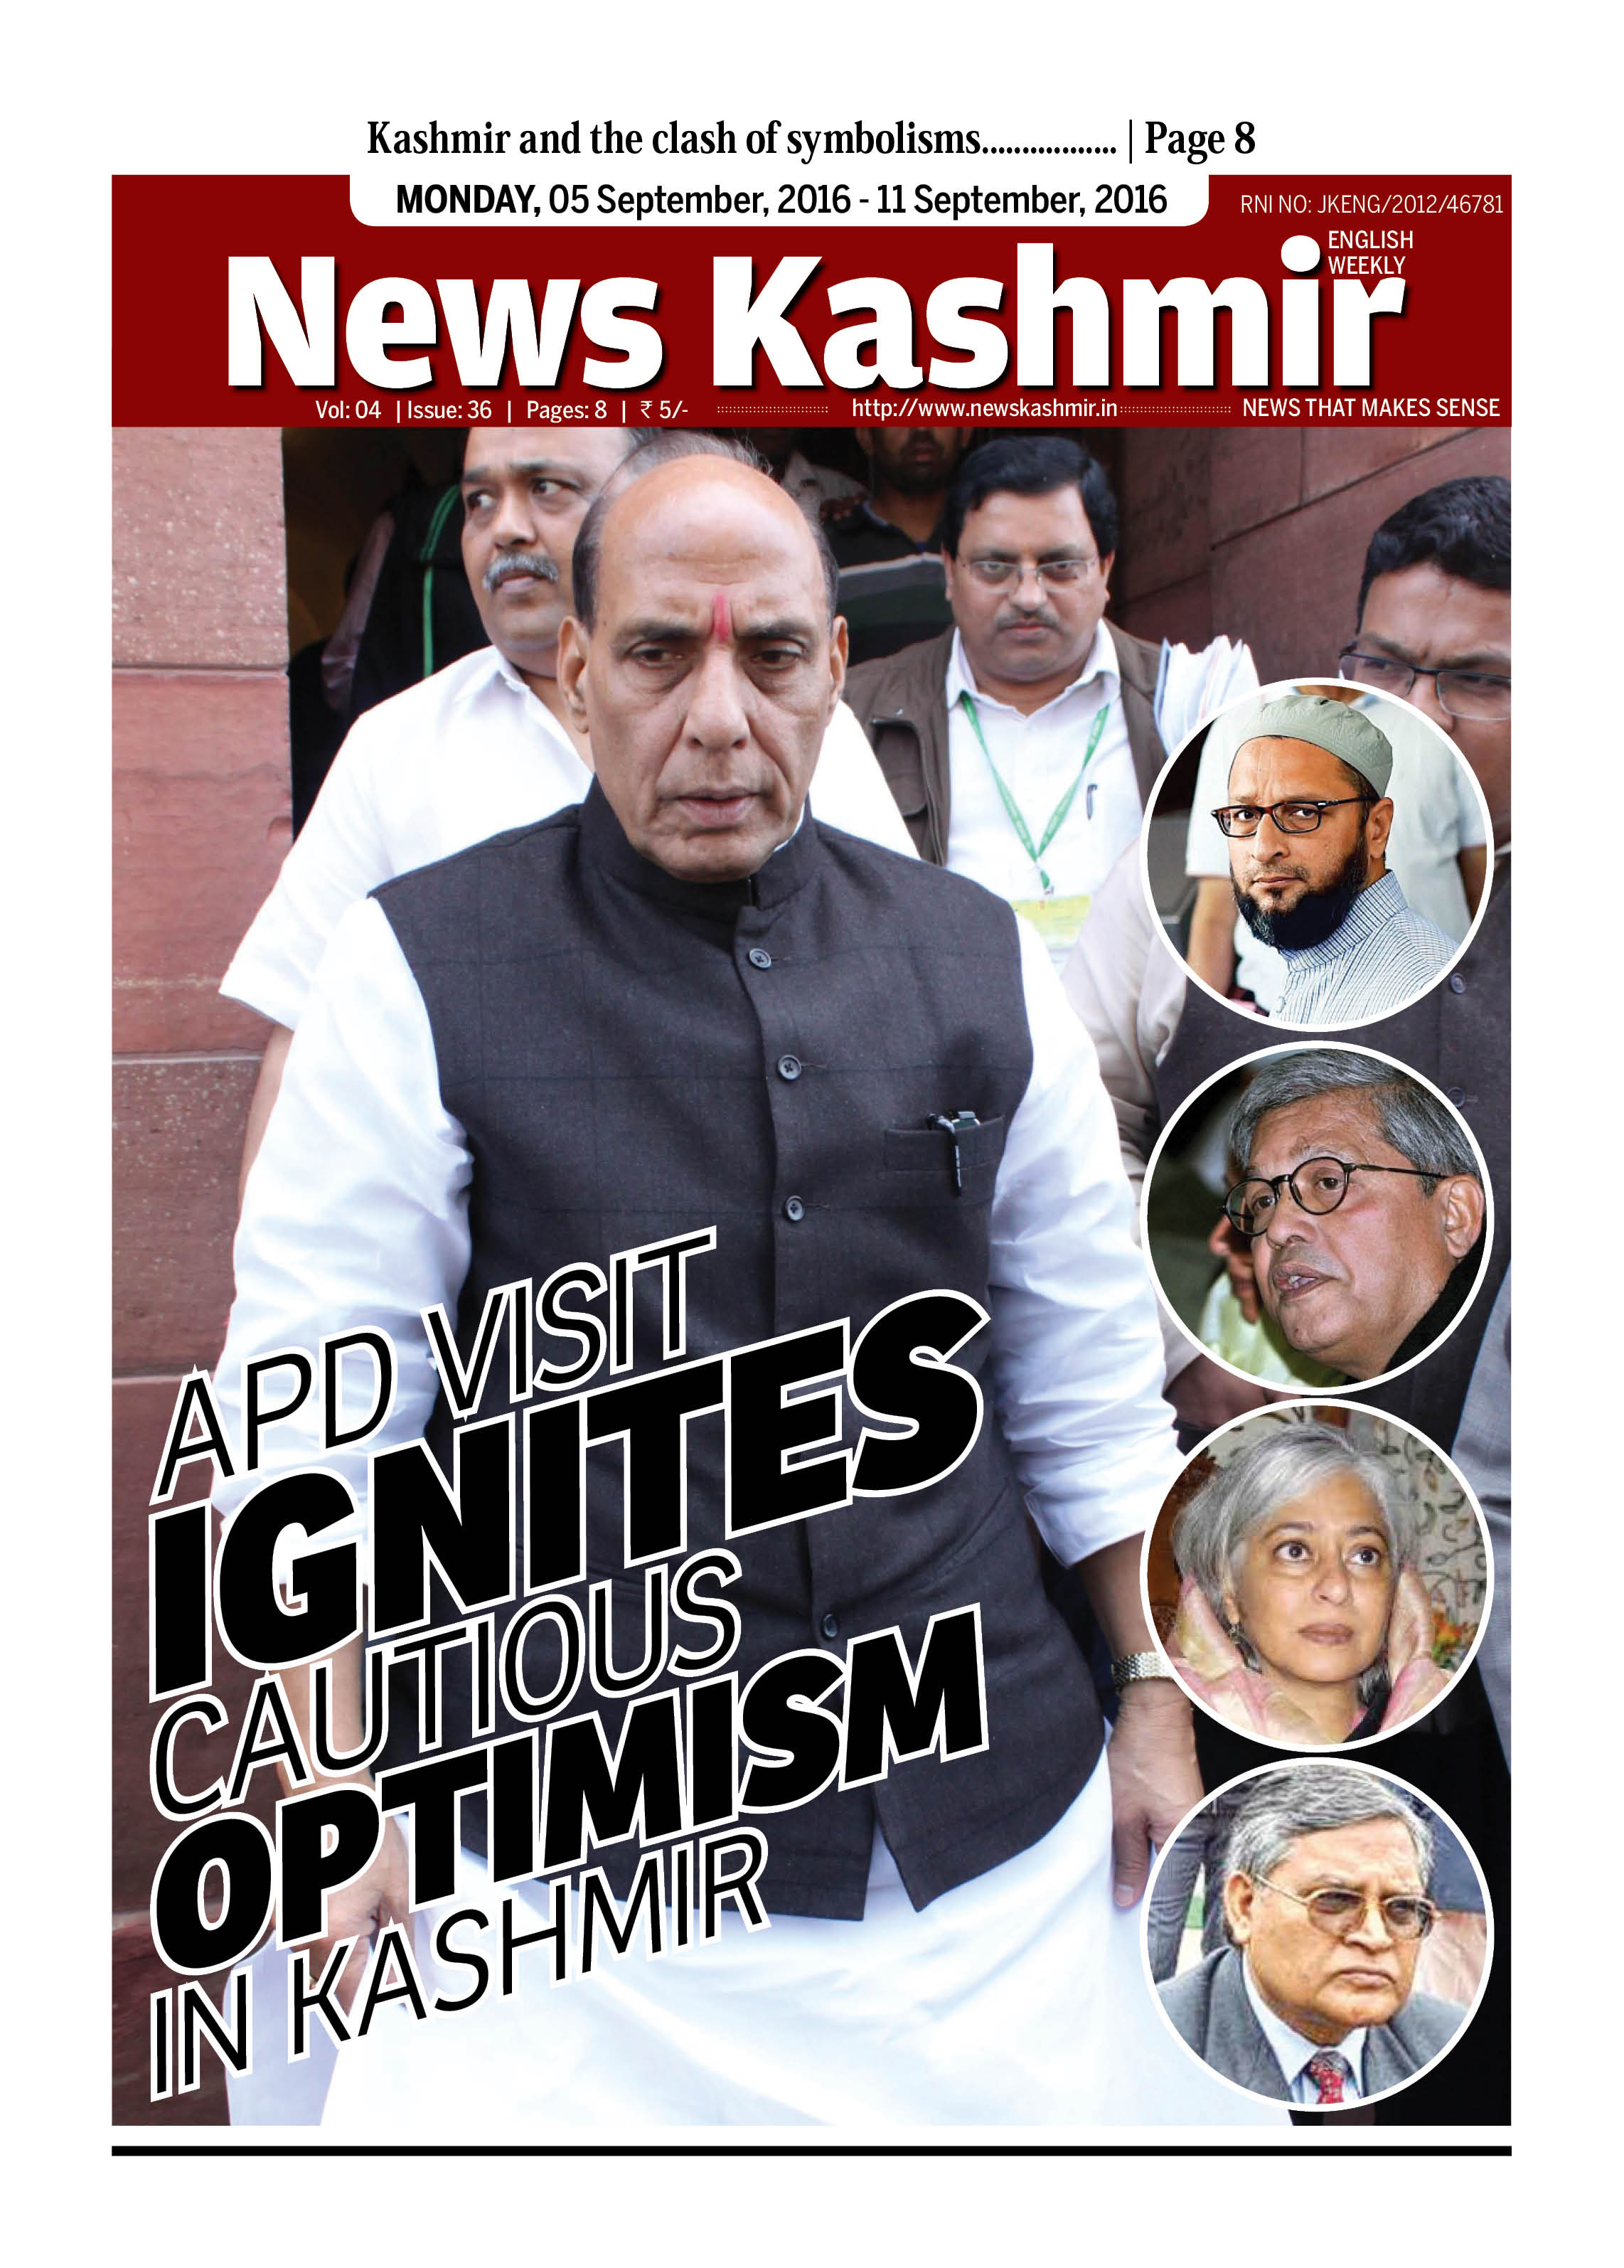 APD Visit Ignites Cautious optimism in Kashmir